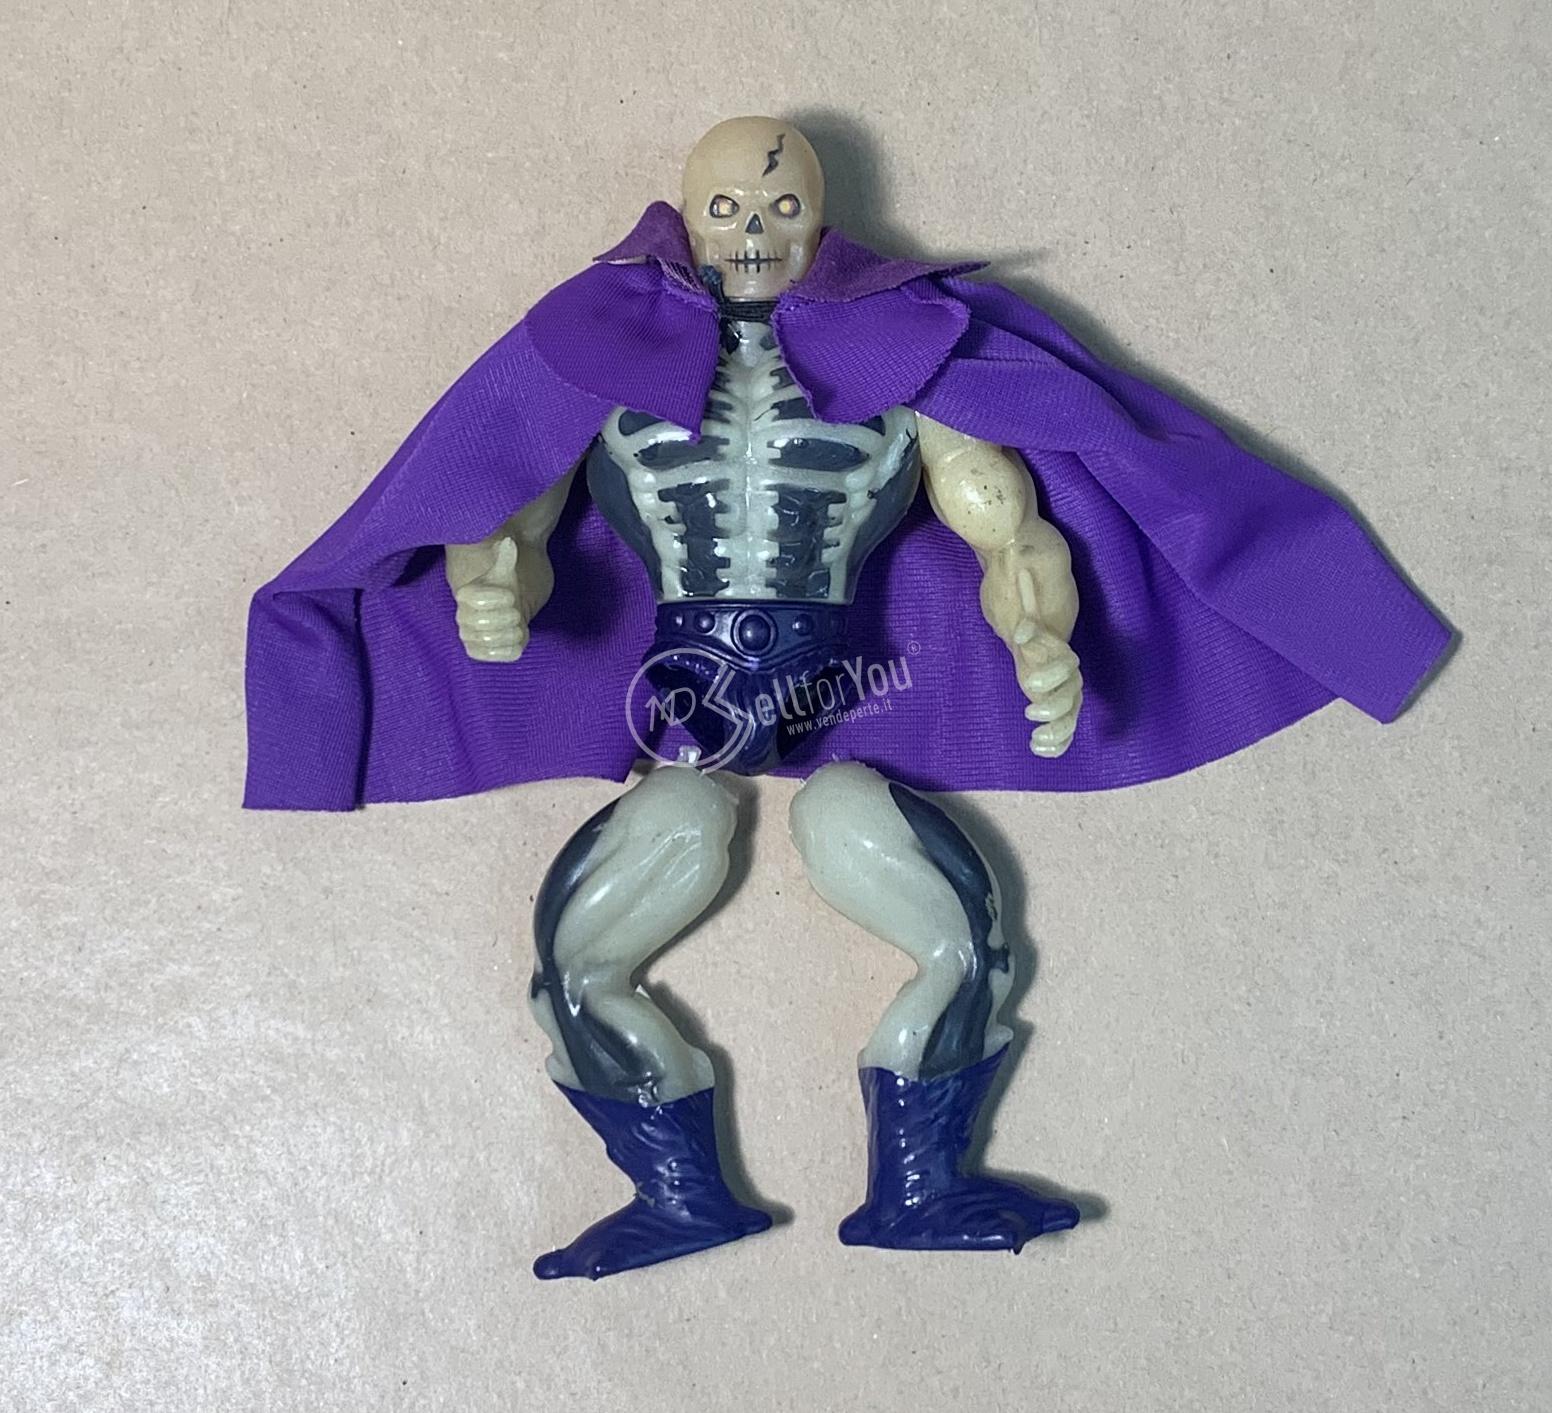 sellforyou immagine default articolo correlato non trovatoMasters of the Universe Scare Glow anni '80 Mattel 11